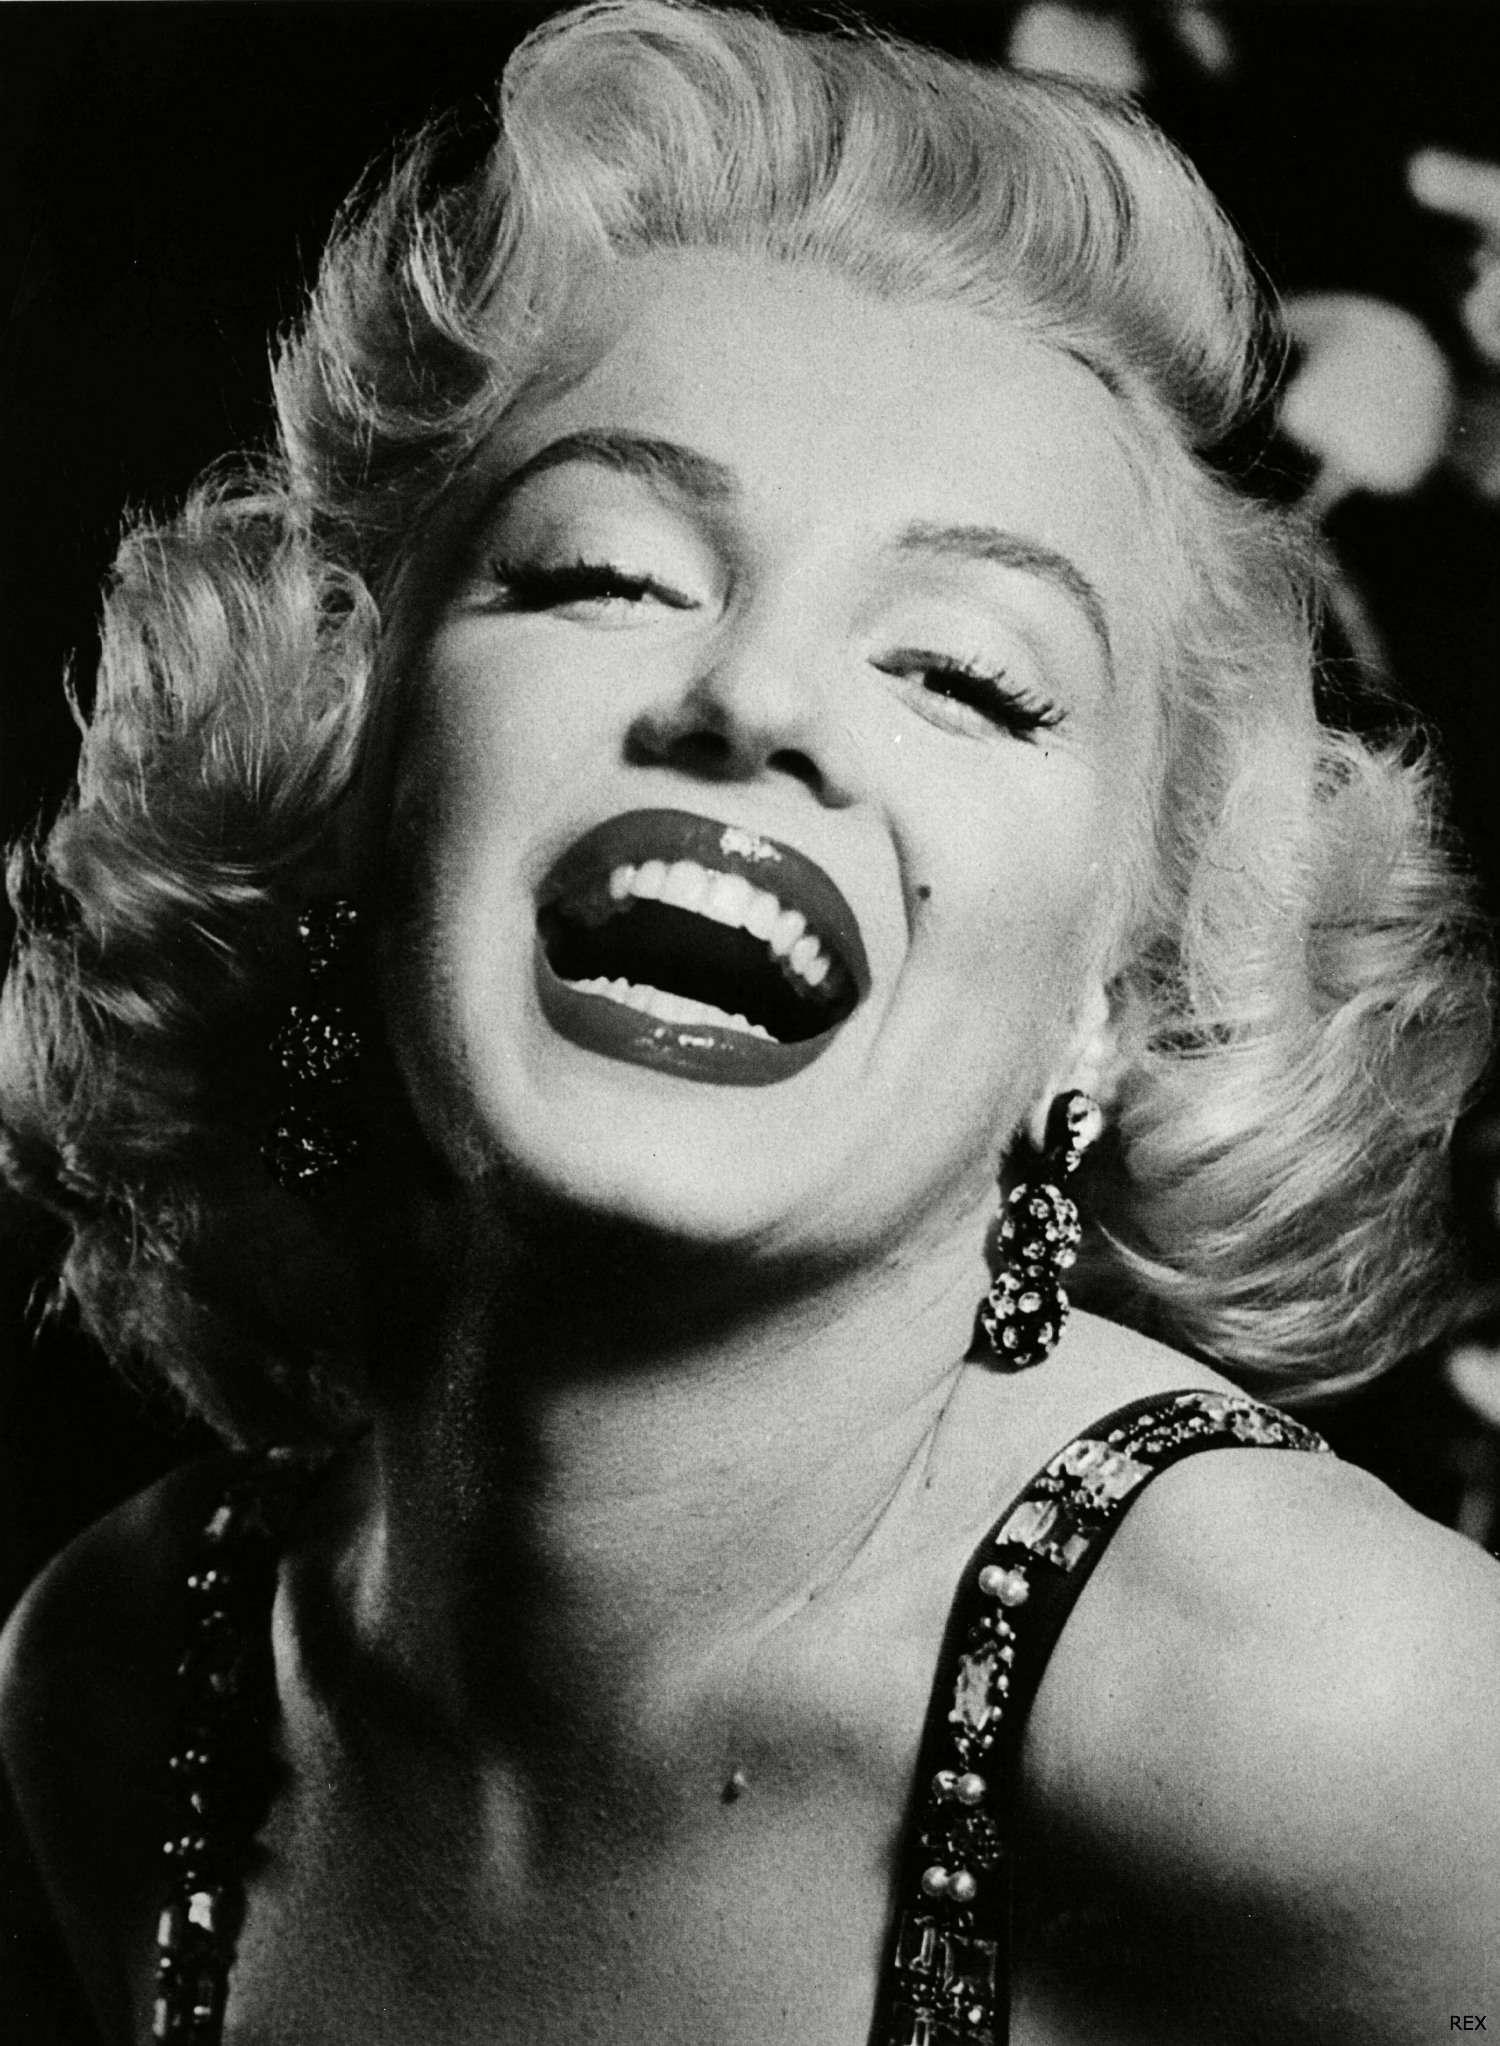 nhan vat marilyn monroe 1 44 câu nói bất hủ của Marilyn Monroe